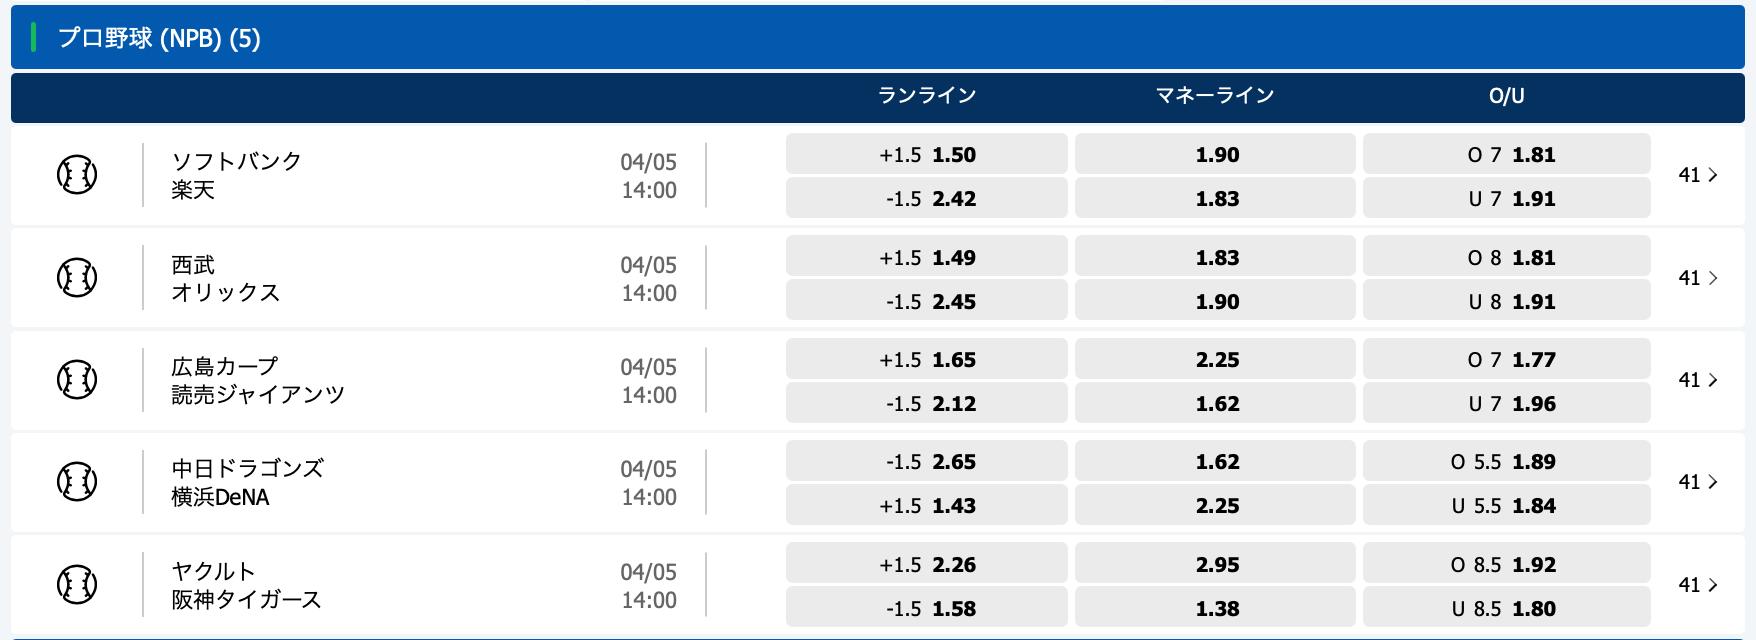 2021年5月4日プロ野球オッズ・10bet Japan